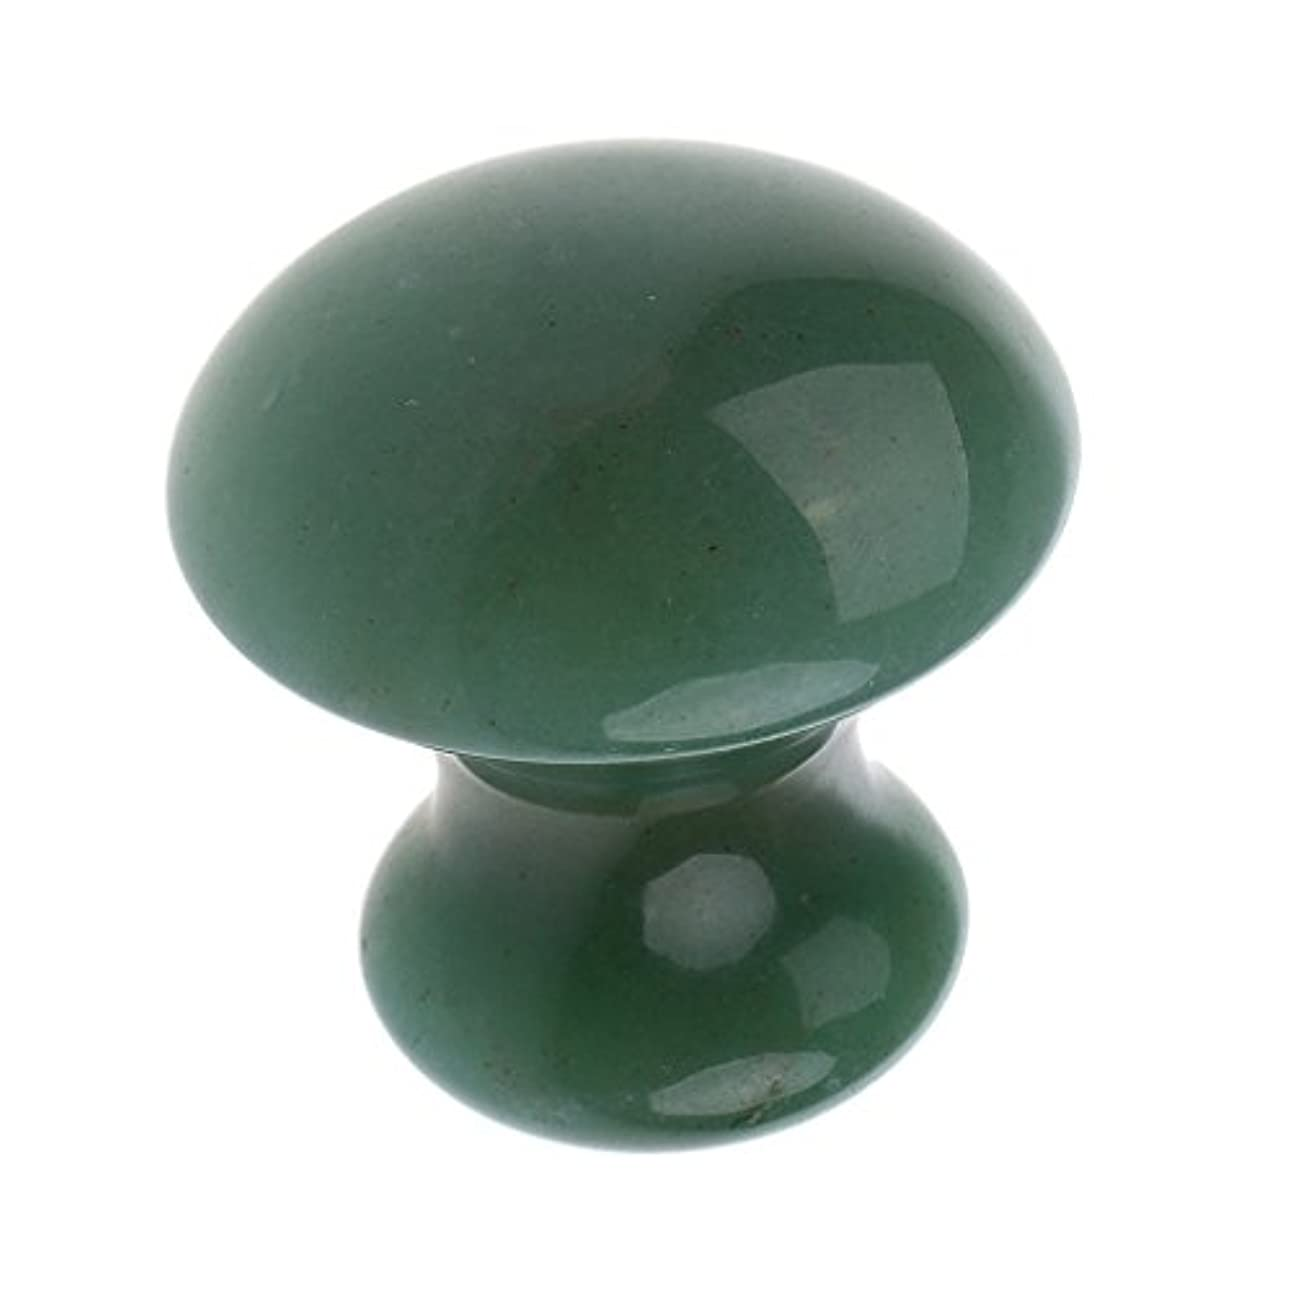 病気だと思うに話す離婚sharprepublic Gua Shaスクレイピングマッサージツール、SPA鍼治療のトリガーポイントリラックス-キノコ形の天然石Guashaボード - 緑